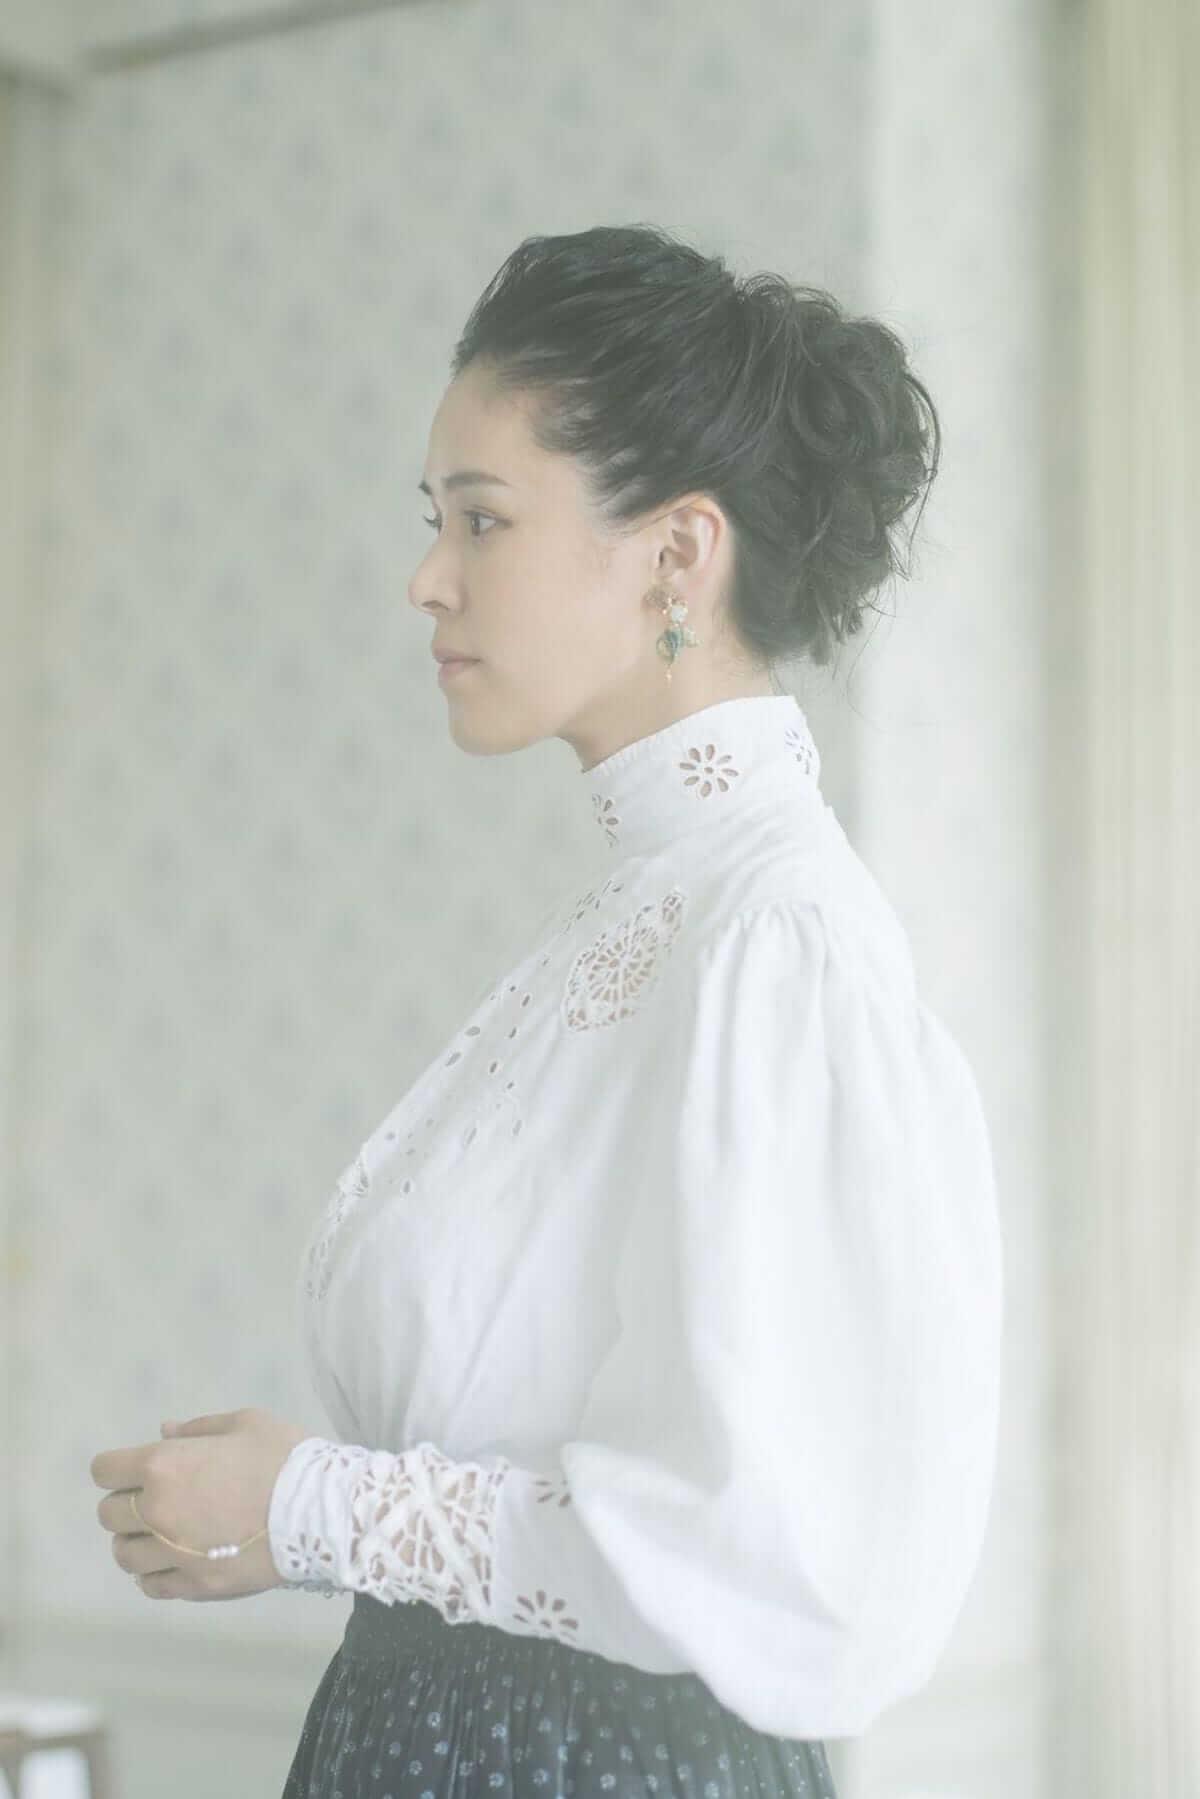 レキシが9月に6枚目のアルバム「ムキシ」をリリース|ゲスト第1弾で三浦大知、上原ひろみ、手嶌葵が発表 music180810-rekishi-2-1200x1799